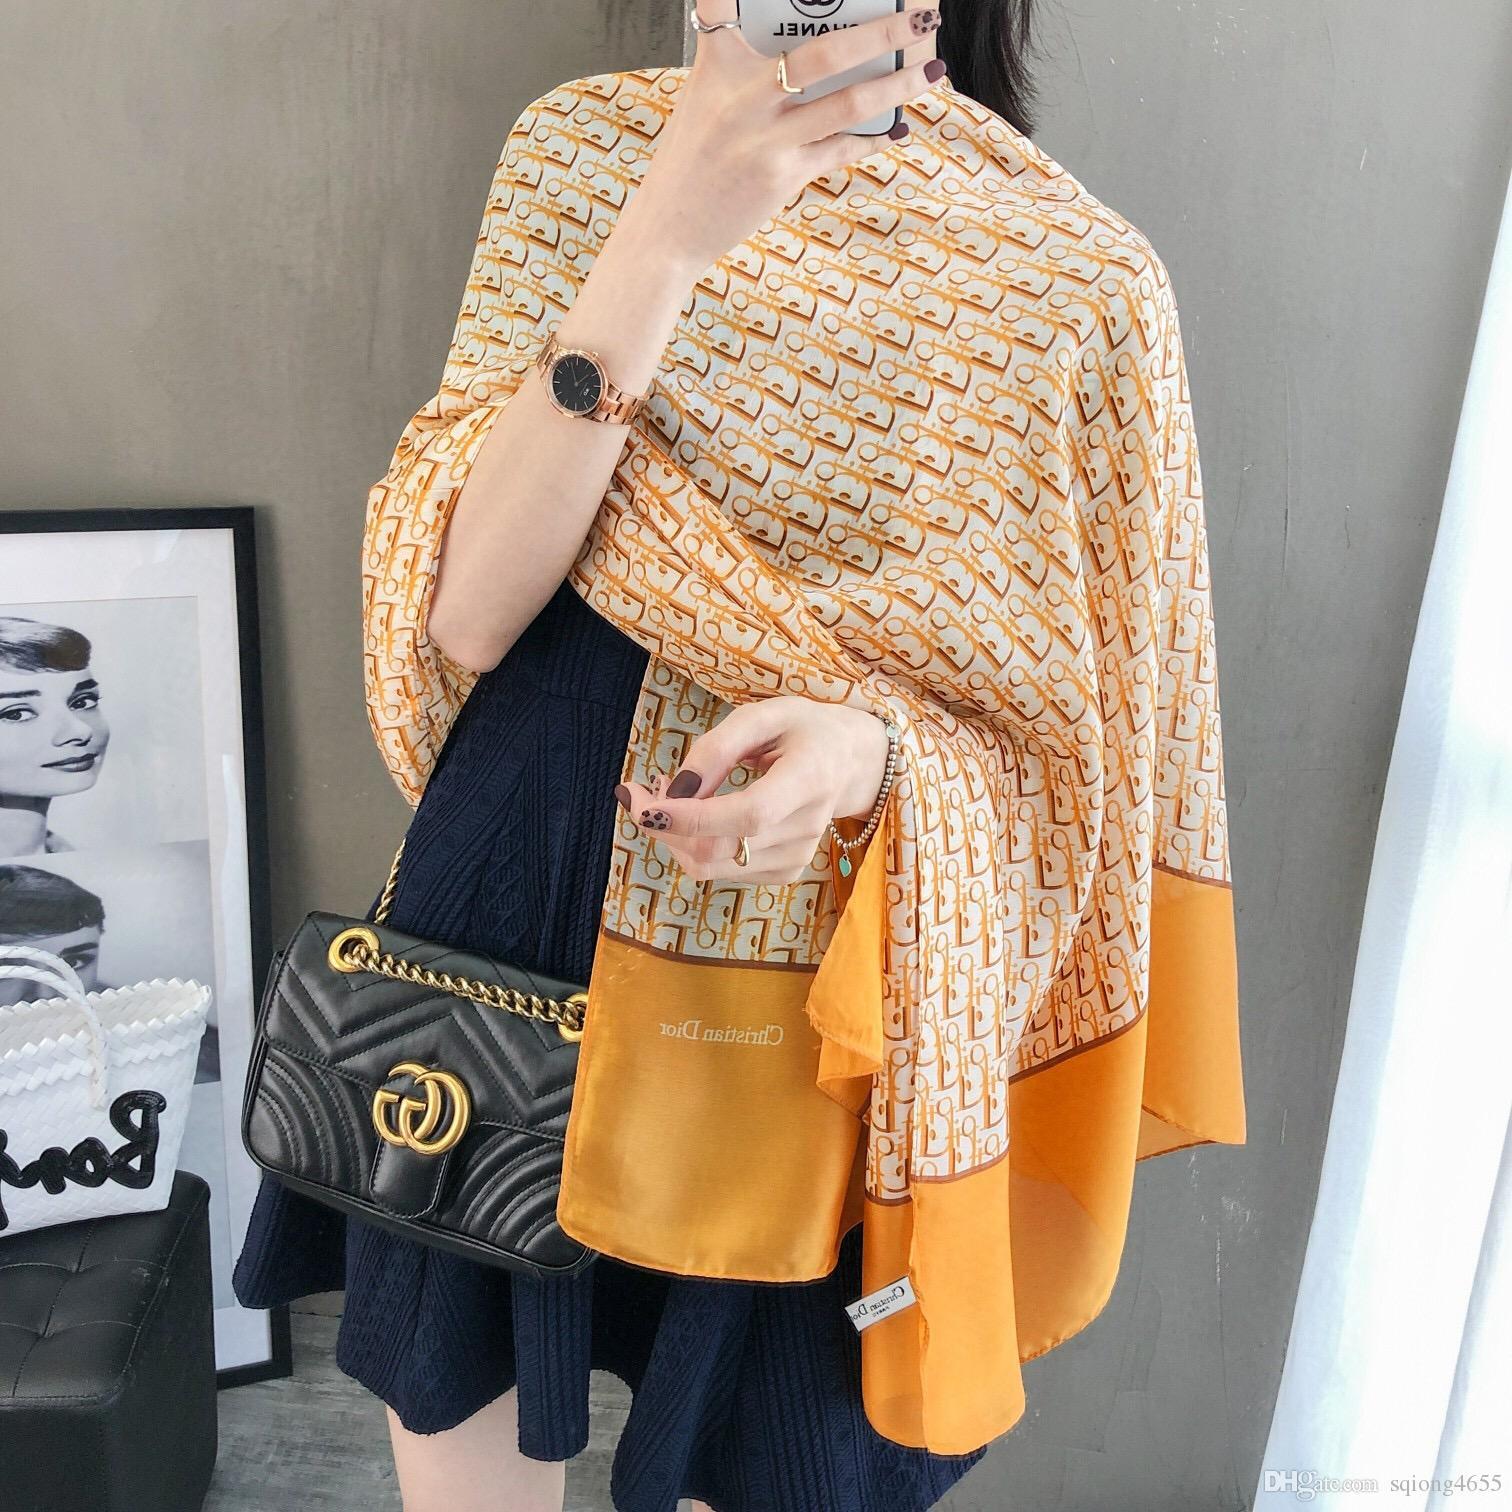 Французский роскошный модный шелковый шарф популярный дизайн высокое качество мягкий шелковый шарф для женщин дамы красивая пляжная шаль шарф оголовье шарфы